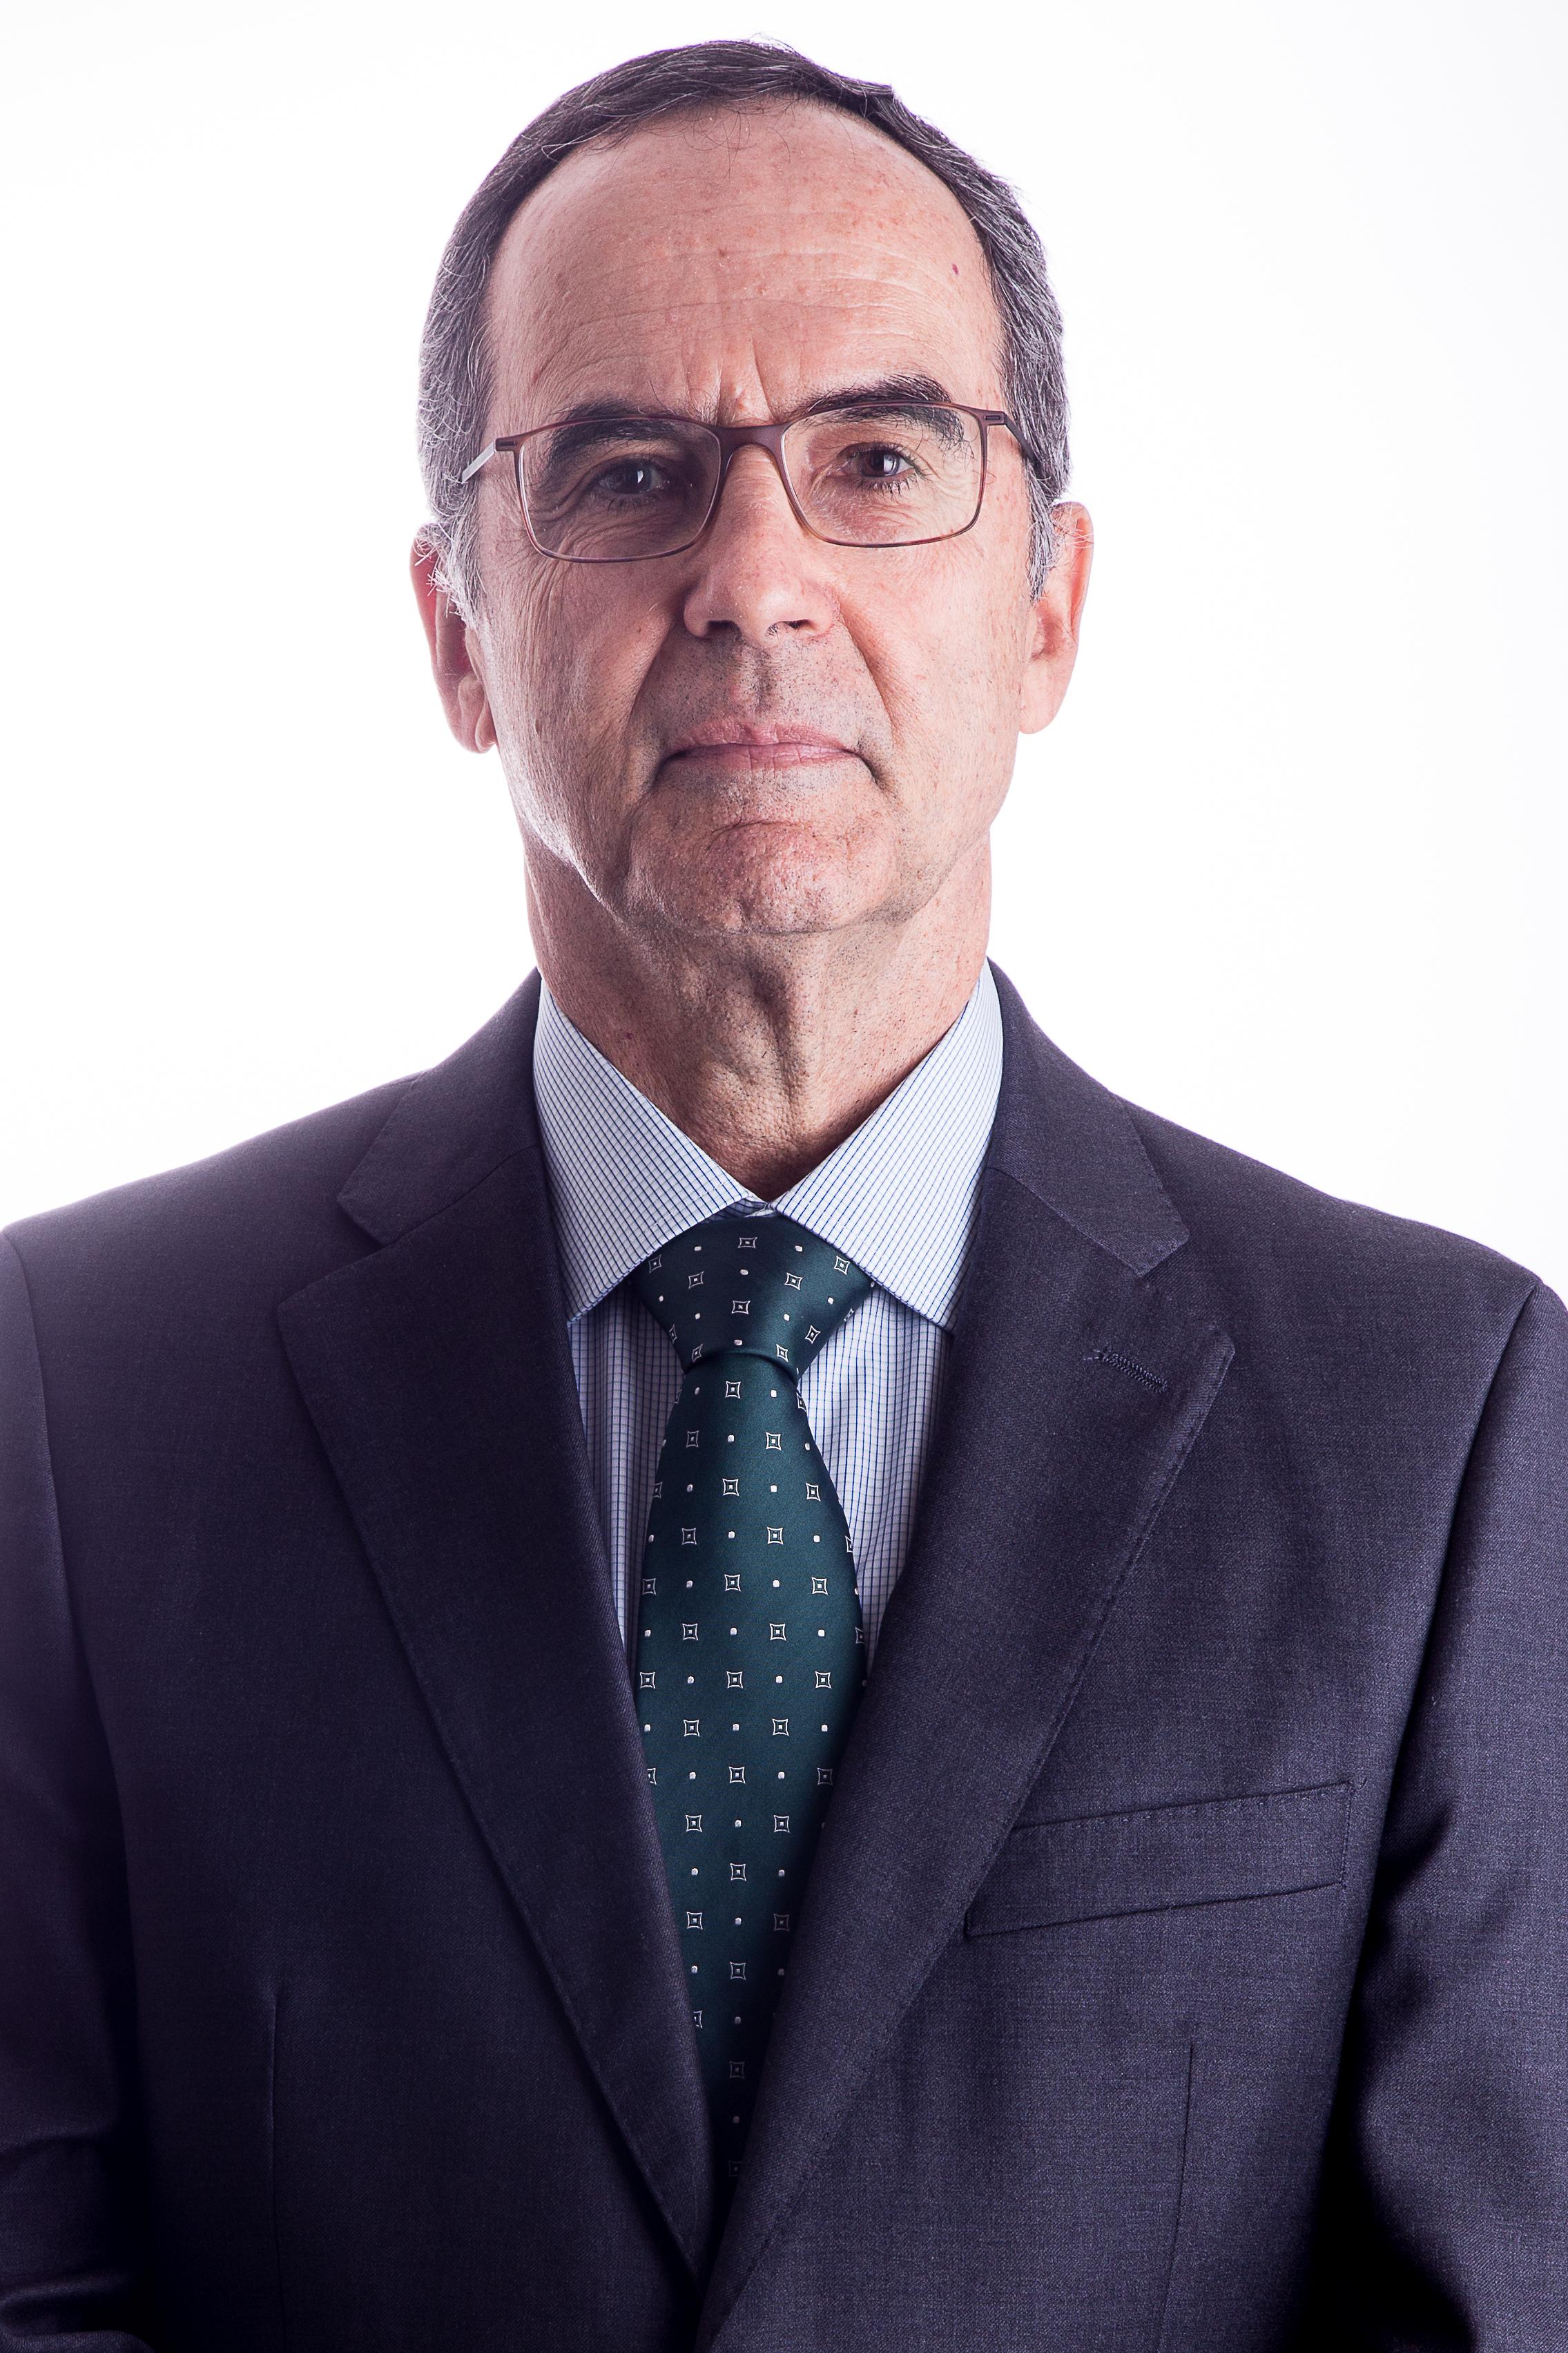 Oscar Sant'Anna de Freitas e Castro   ocastro@daudtadvogados.com.br